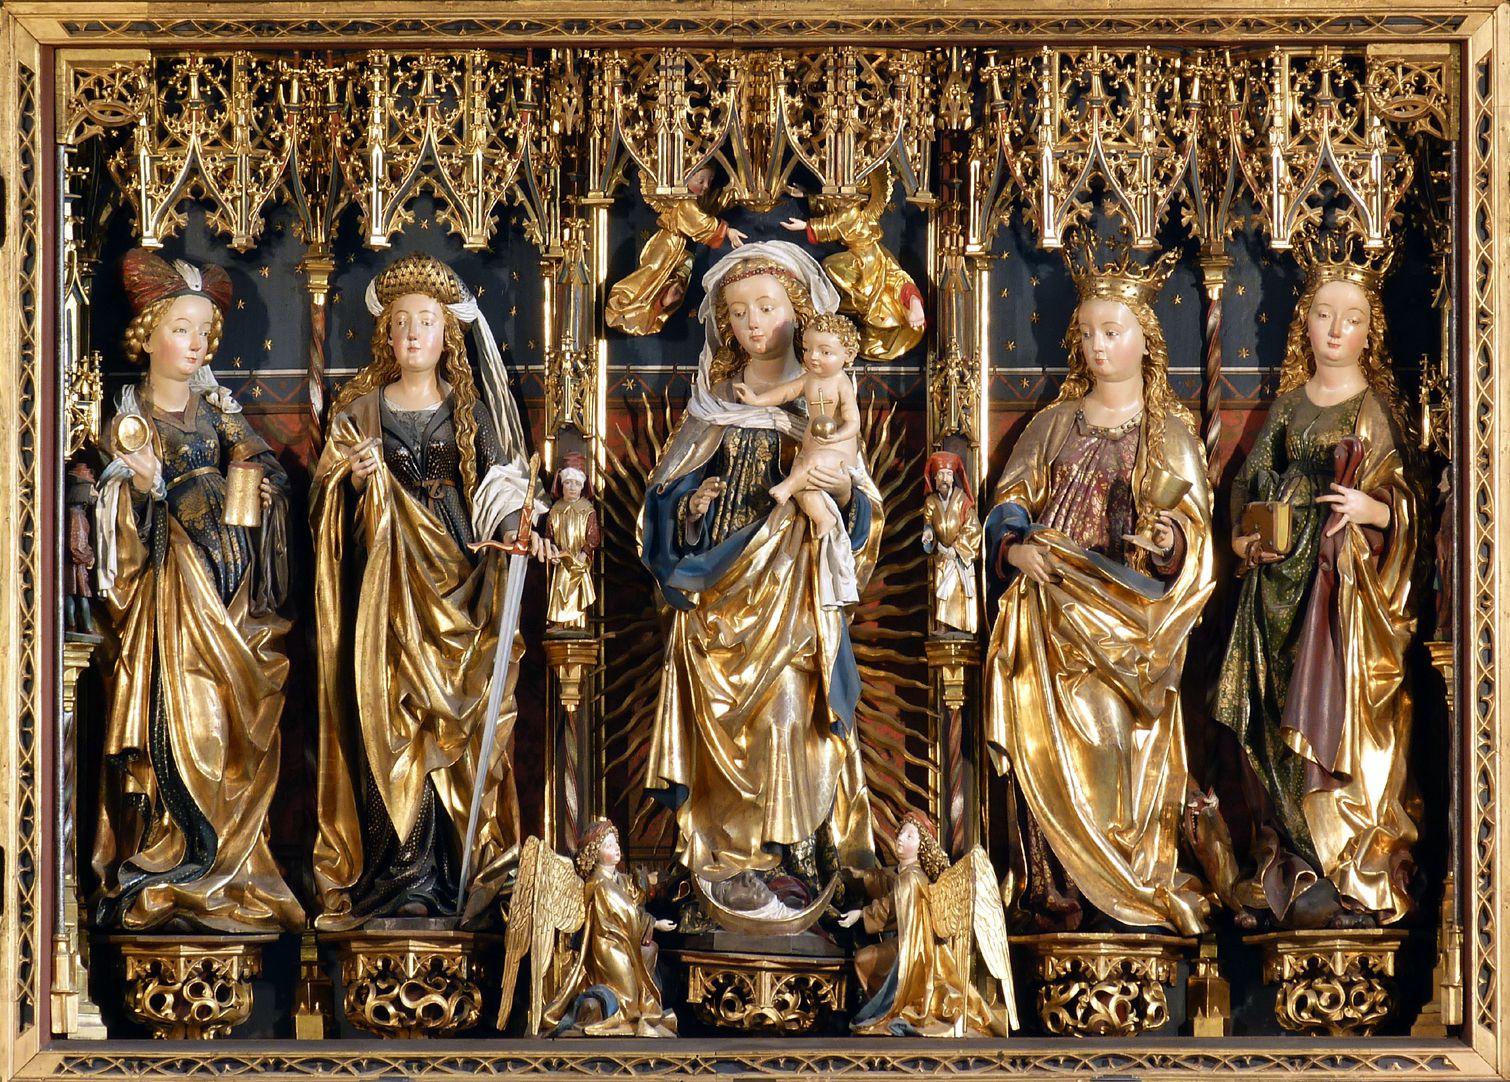 Zwickauer Hochaltarretabel Schrein, von l. nach r. : Maria Magdalena, Katharina, Maria mit dem Jesuskind, Barbara und Margarethe – dazwischen kleine Propheten?